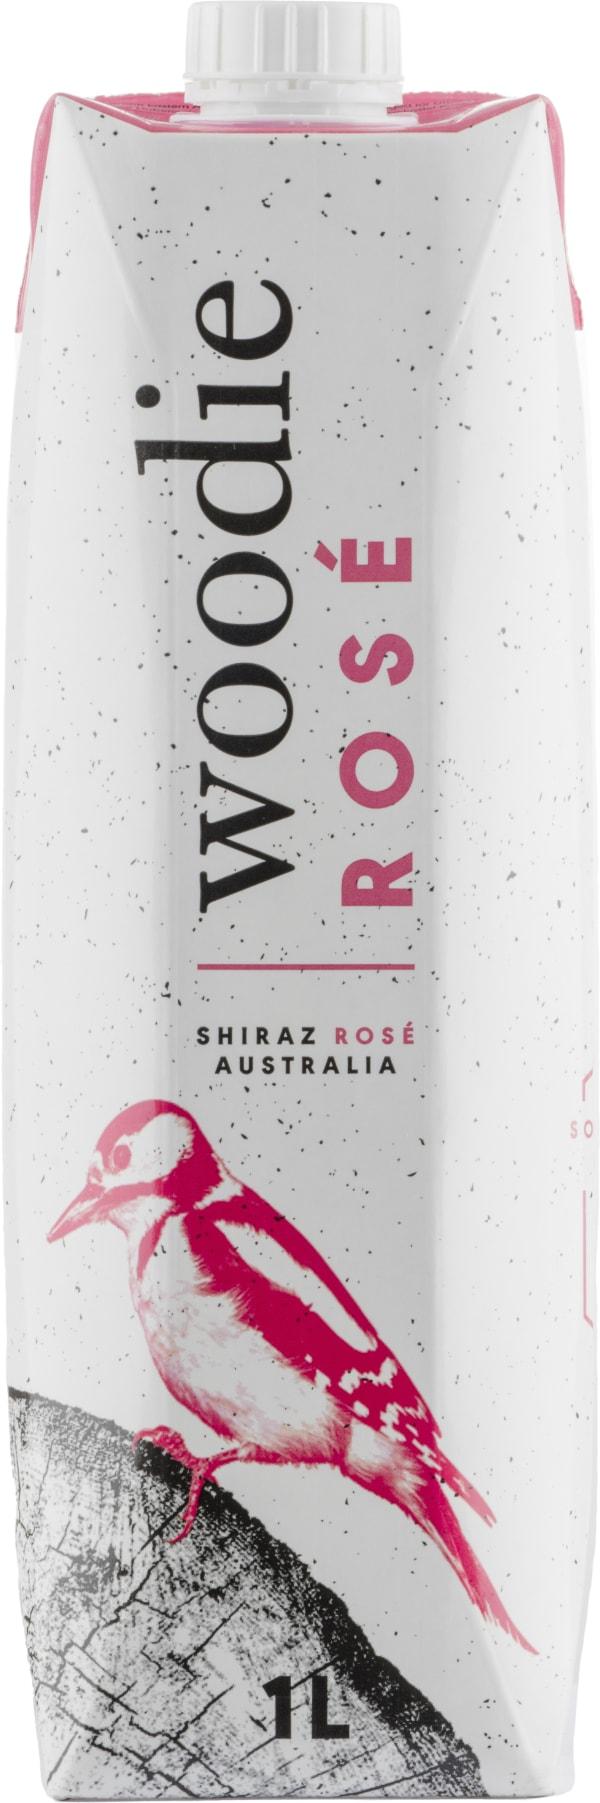 Woodie Rosé 2016 kartongförpackning